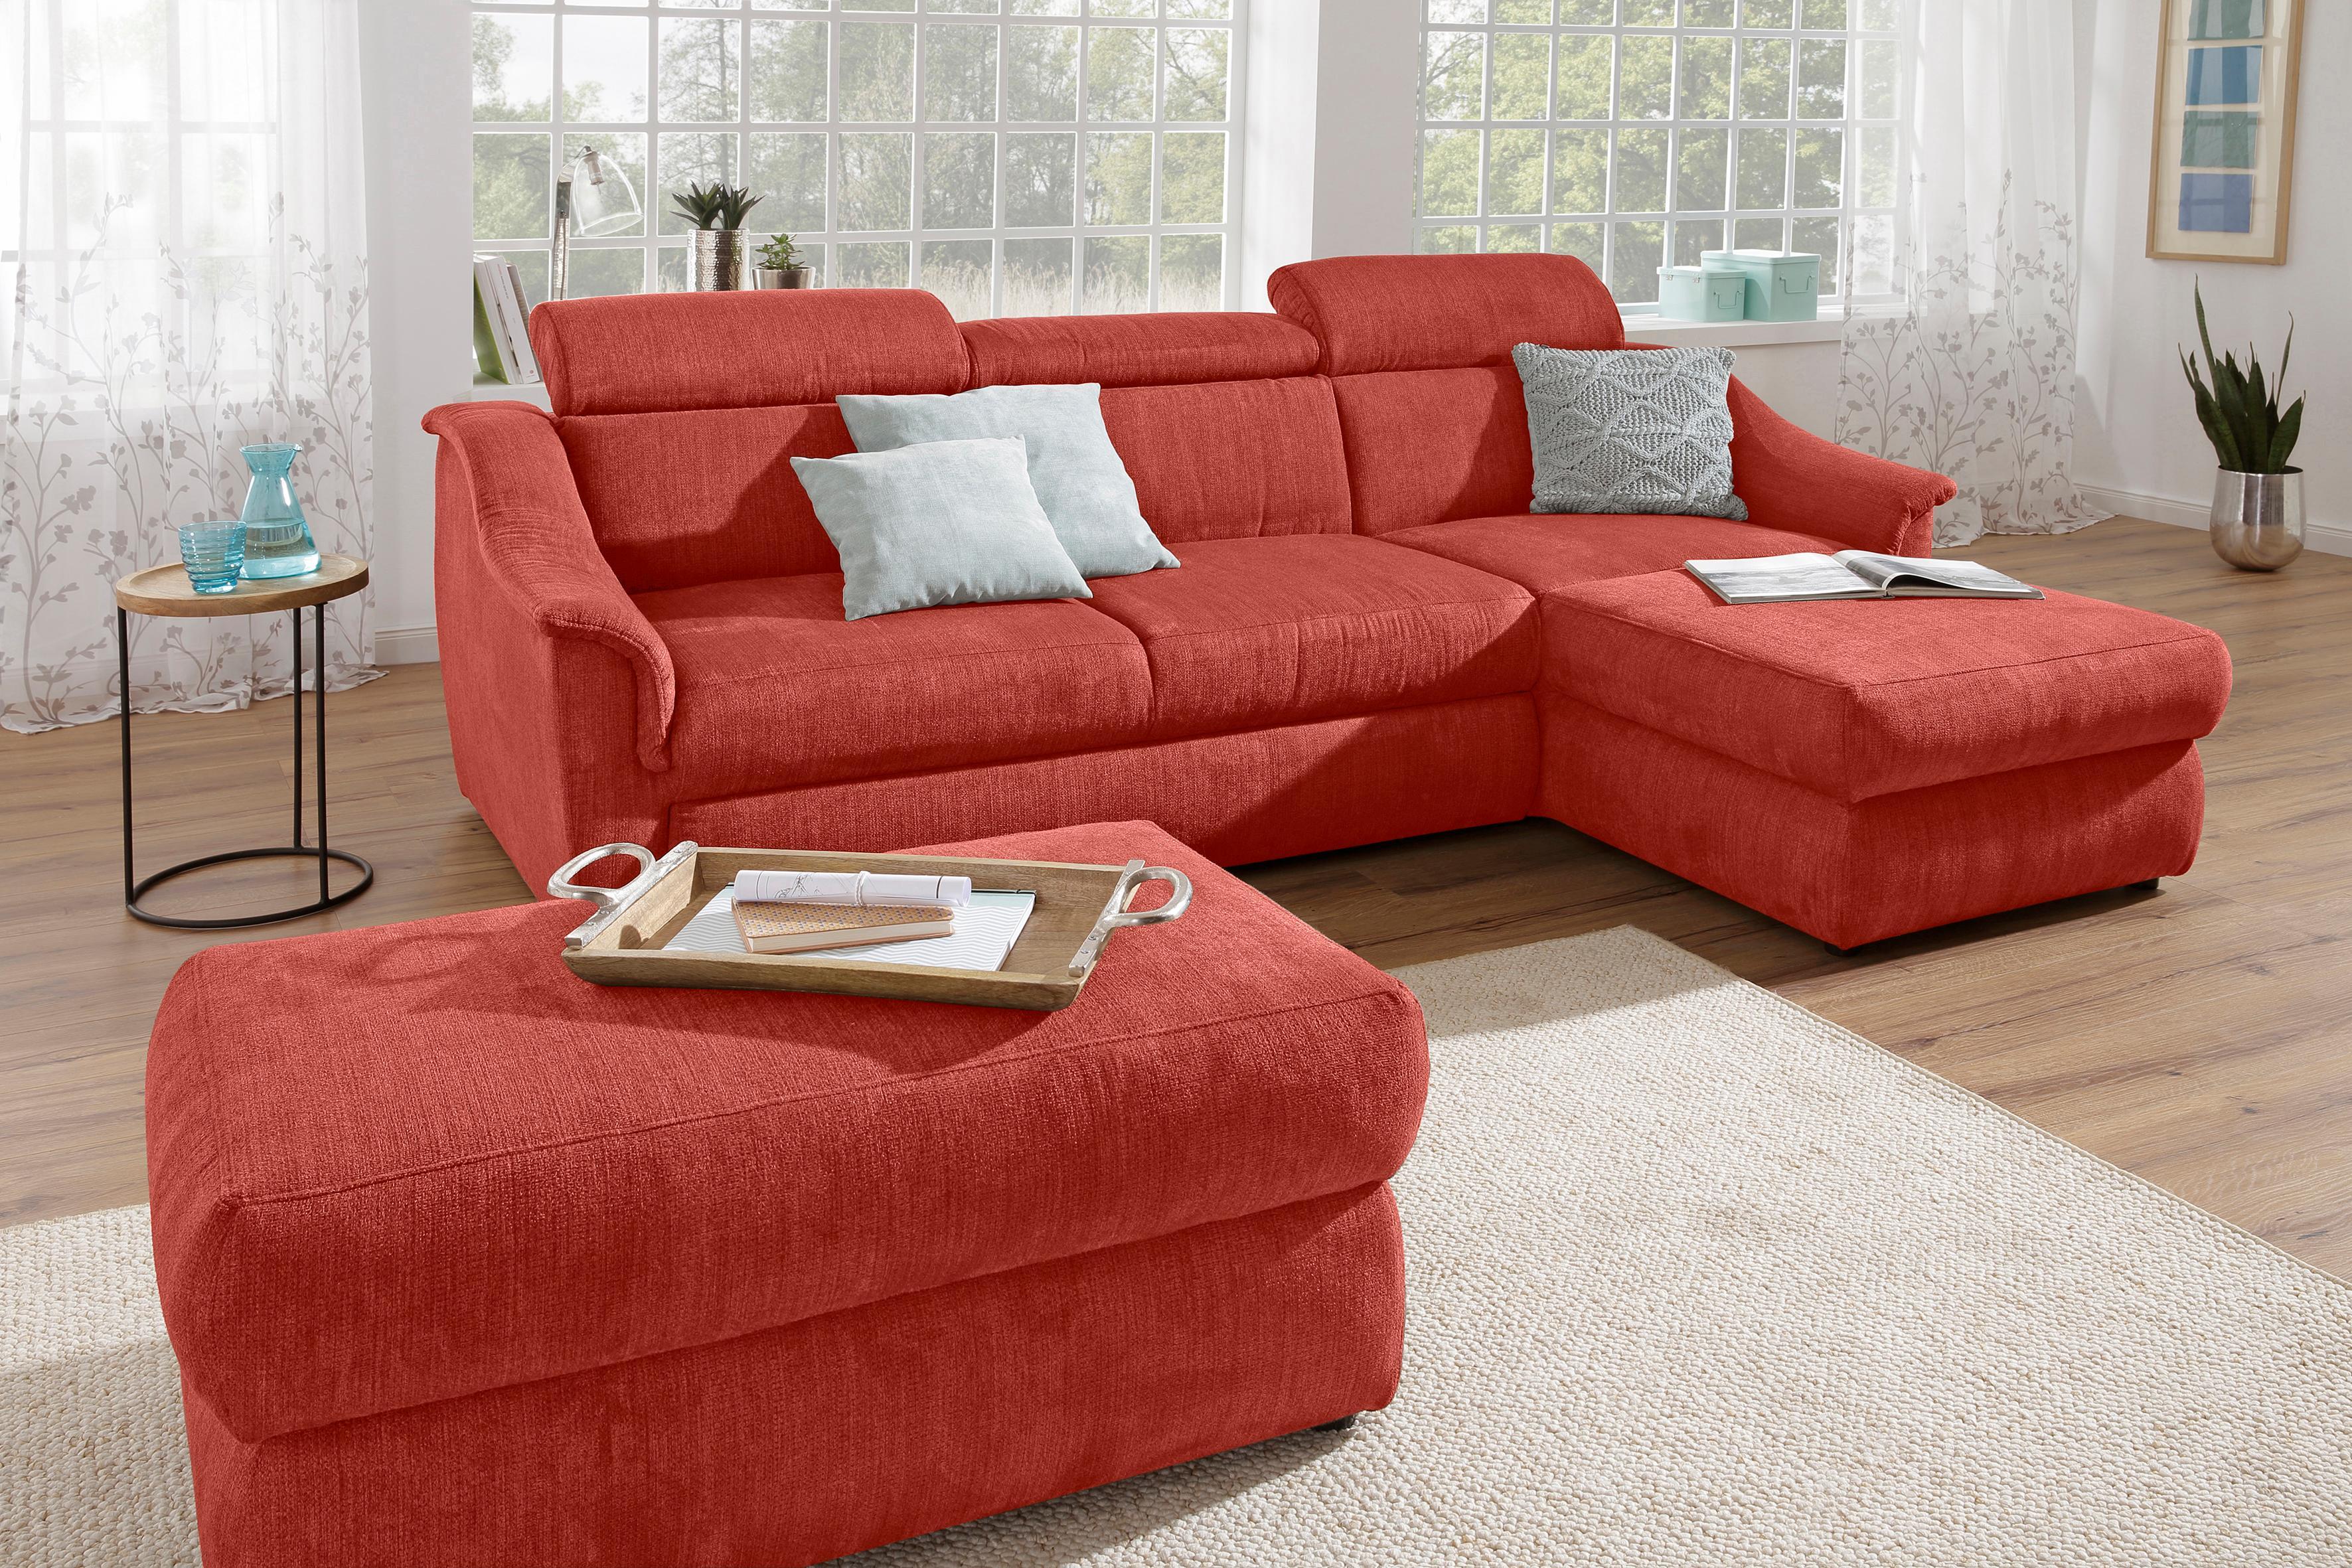 home affaire ecksofa aura auf rechnung bestellen. Black Bedroom Furniture Sets. Home Design Ideas